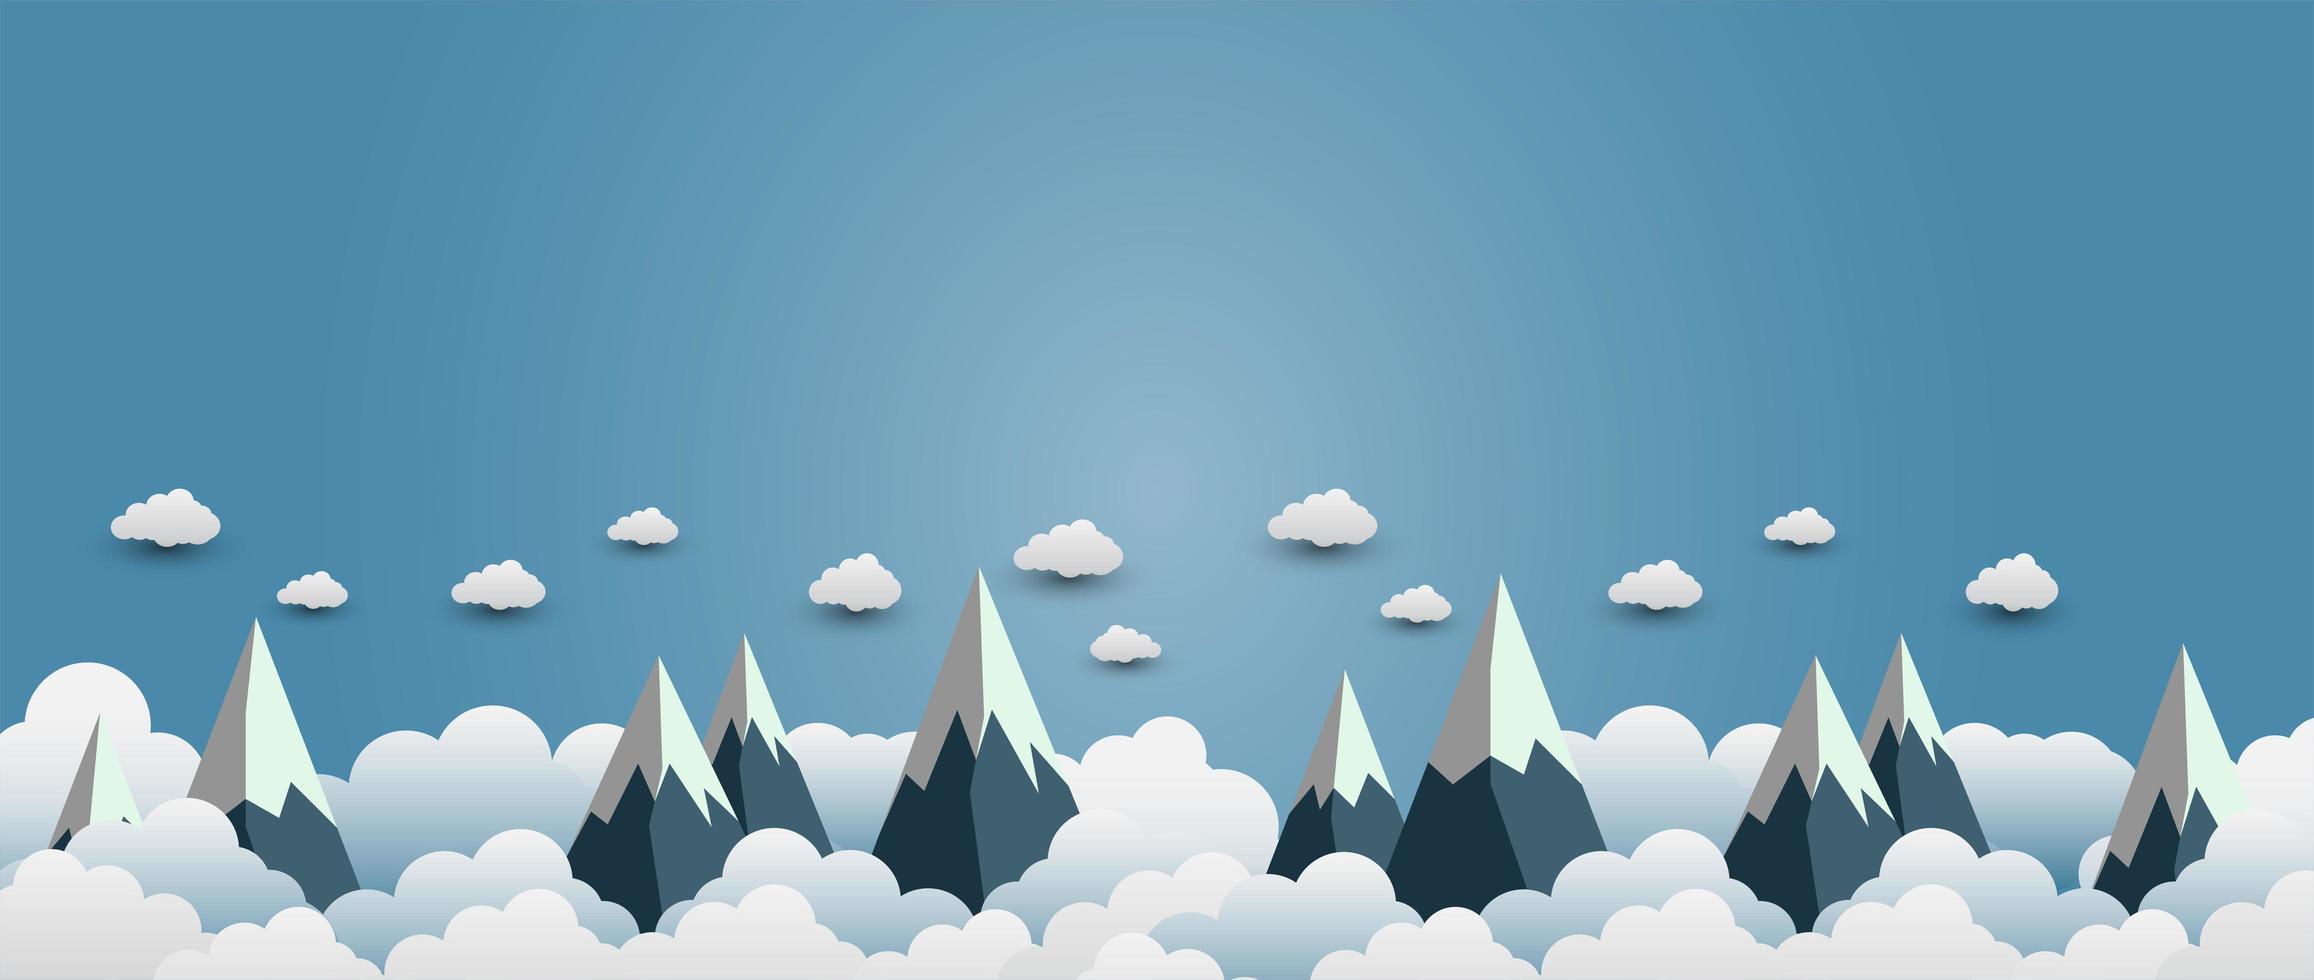 montagne di neve con belle nuvole vettore